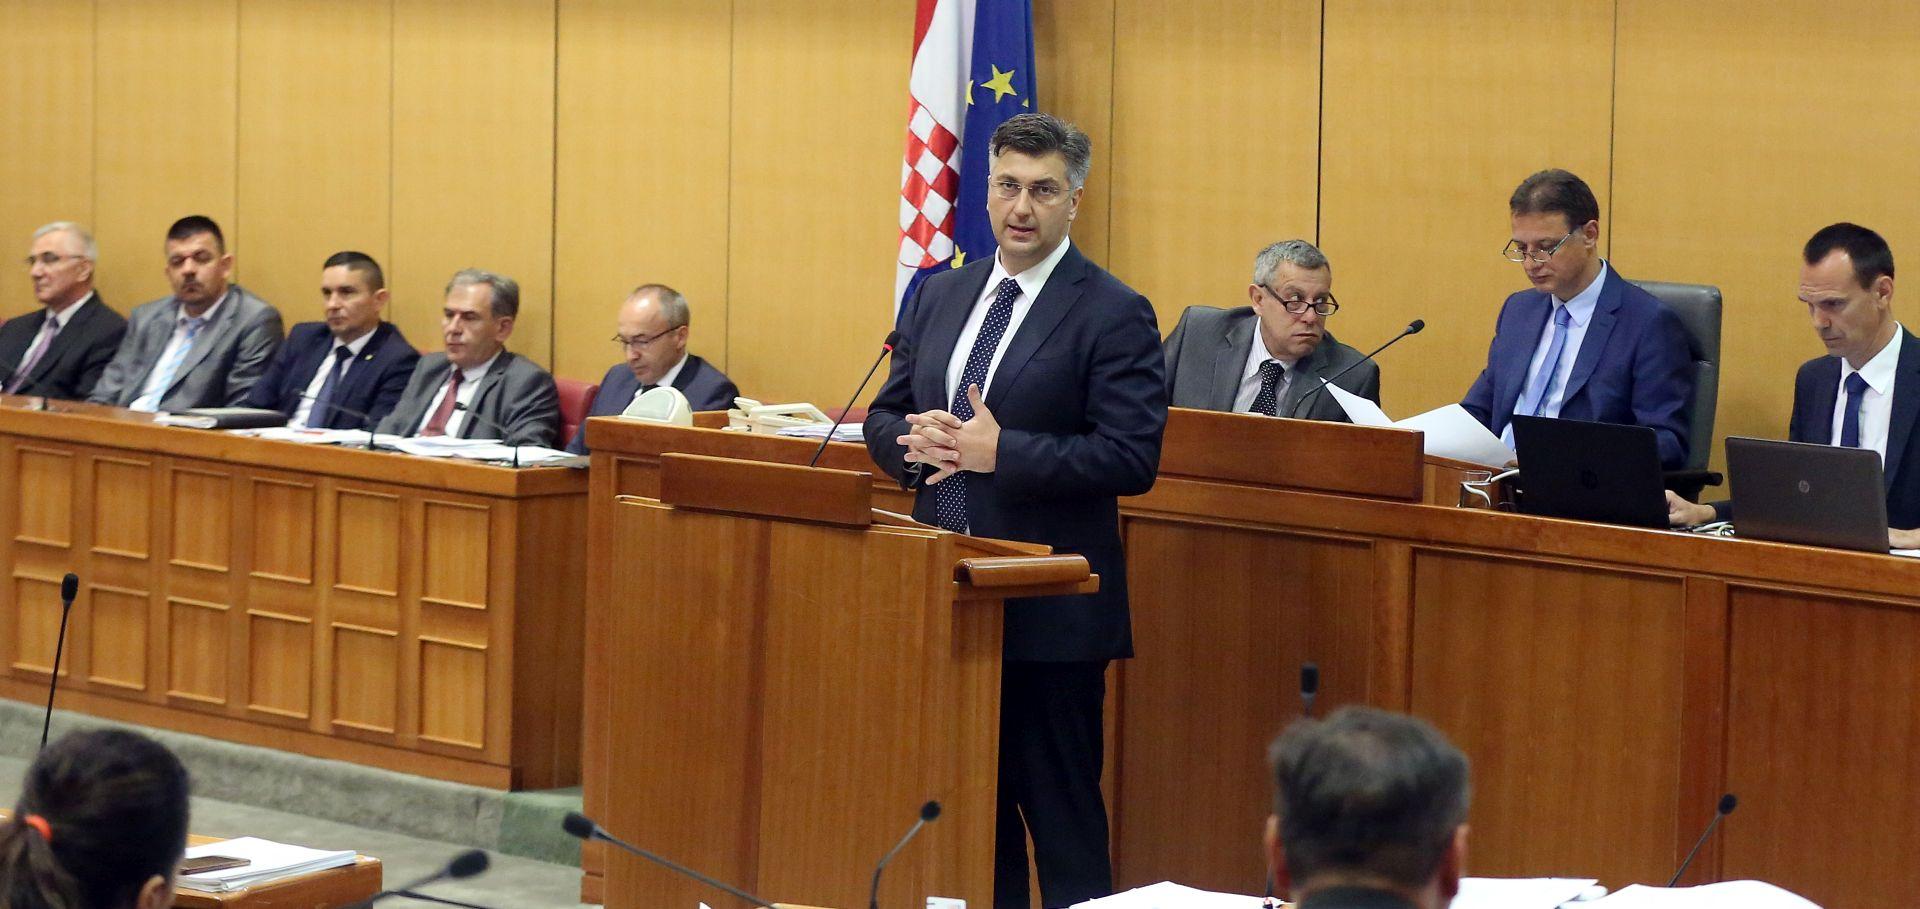 Sabor o nacionalnoj sigurnosti: Potrebna nova strategija dorasla novim izazovima